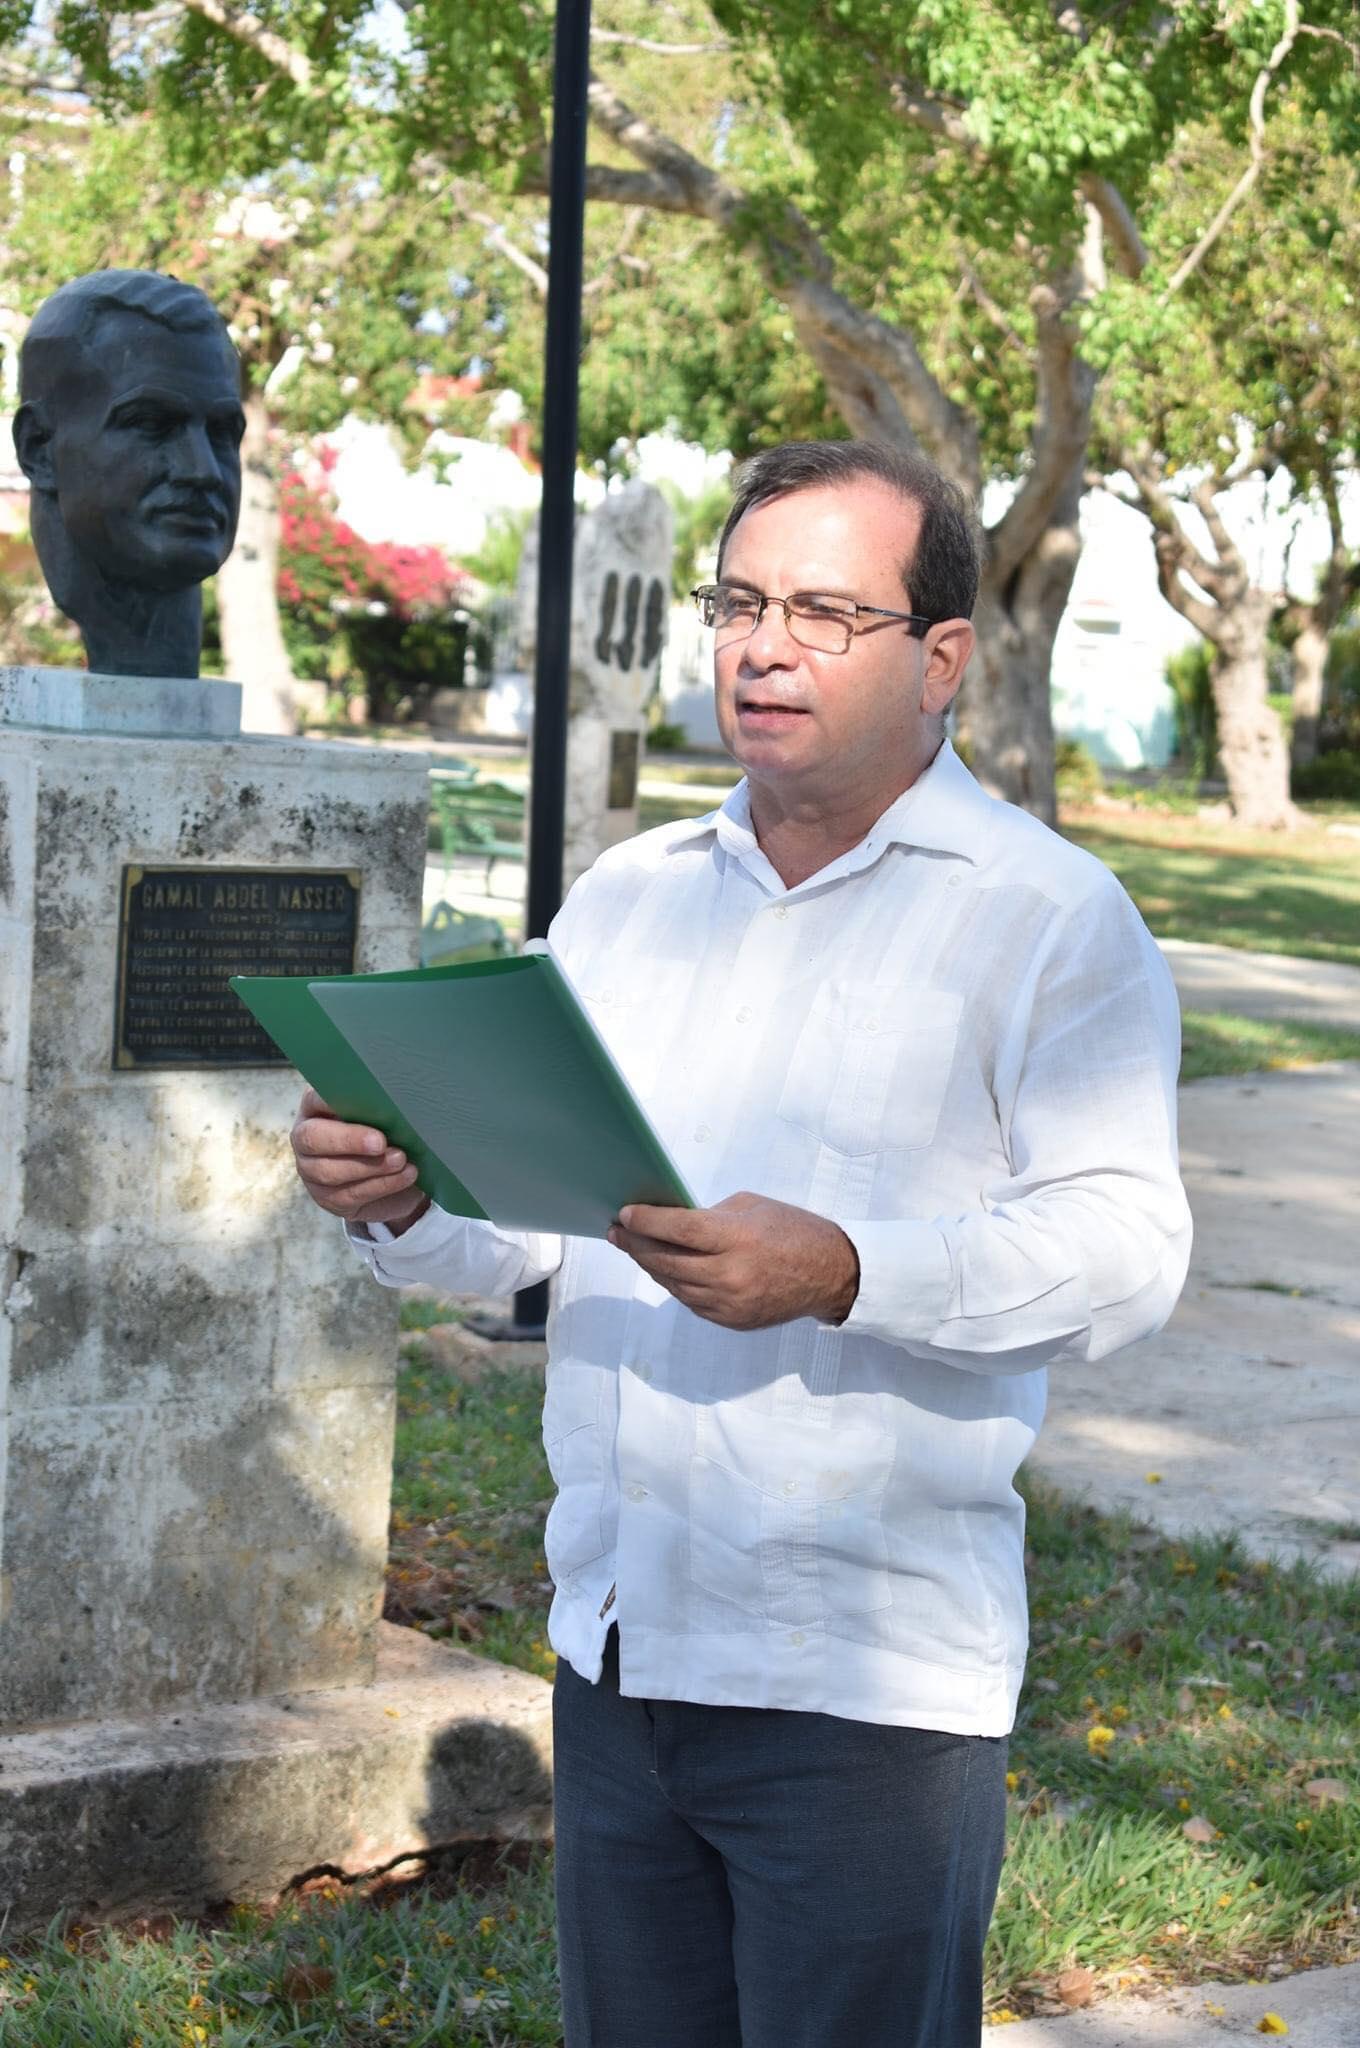 الاحتفال بيوم إفريقيا من أمام نصب تذكاري للزعيم جمال عبدالناصر بحديقة الخالدين في هافانا